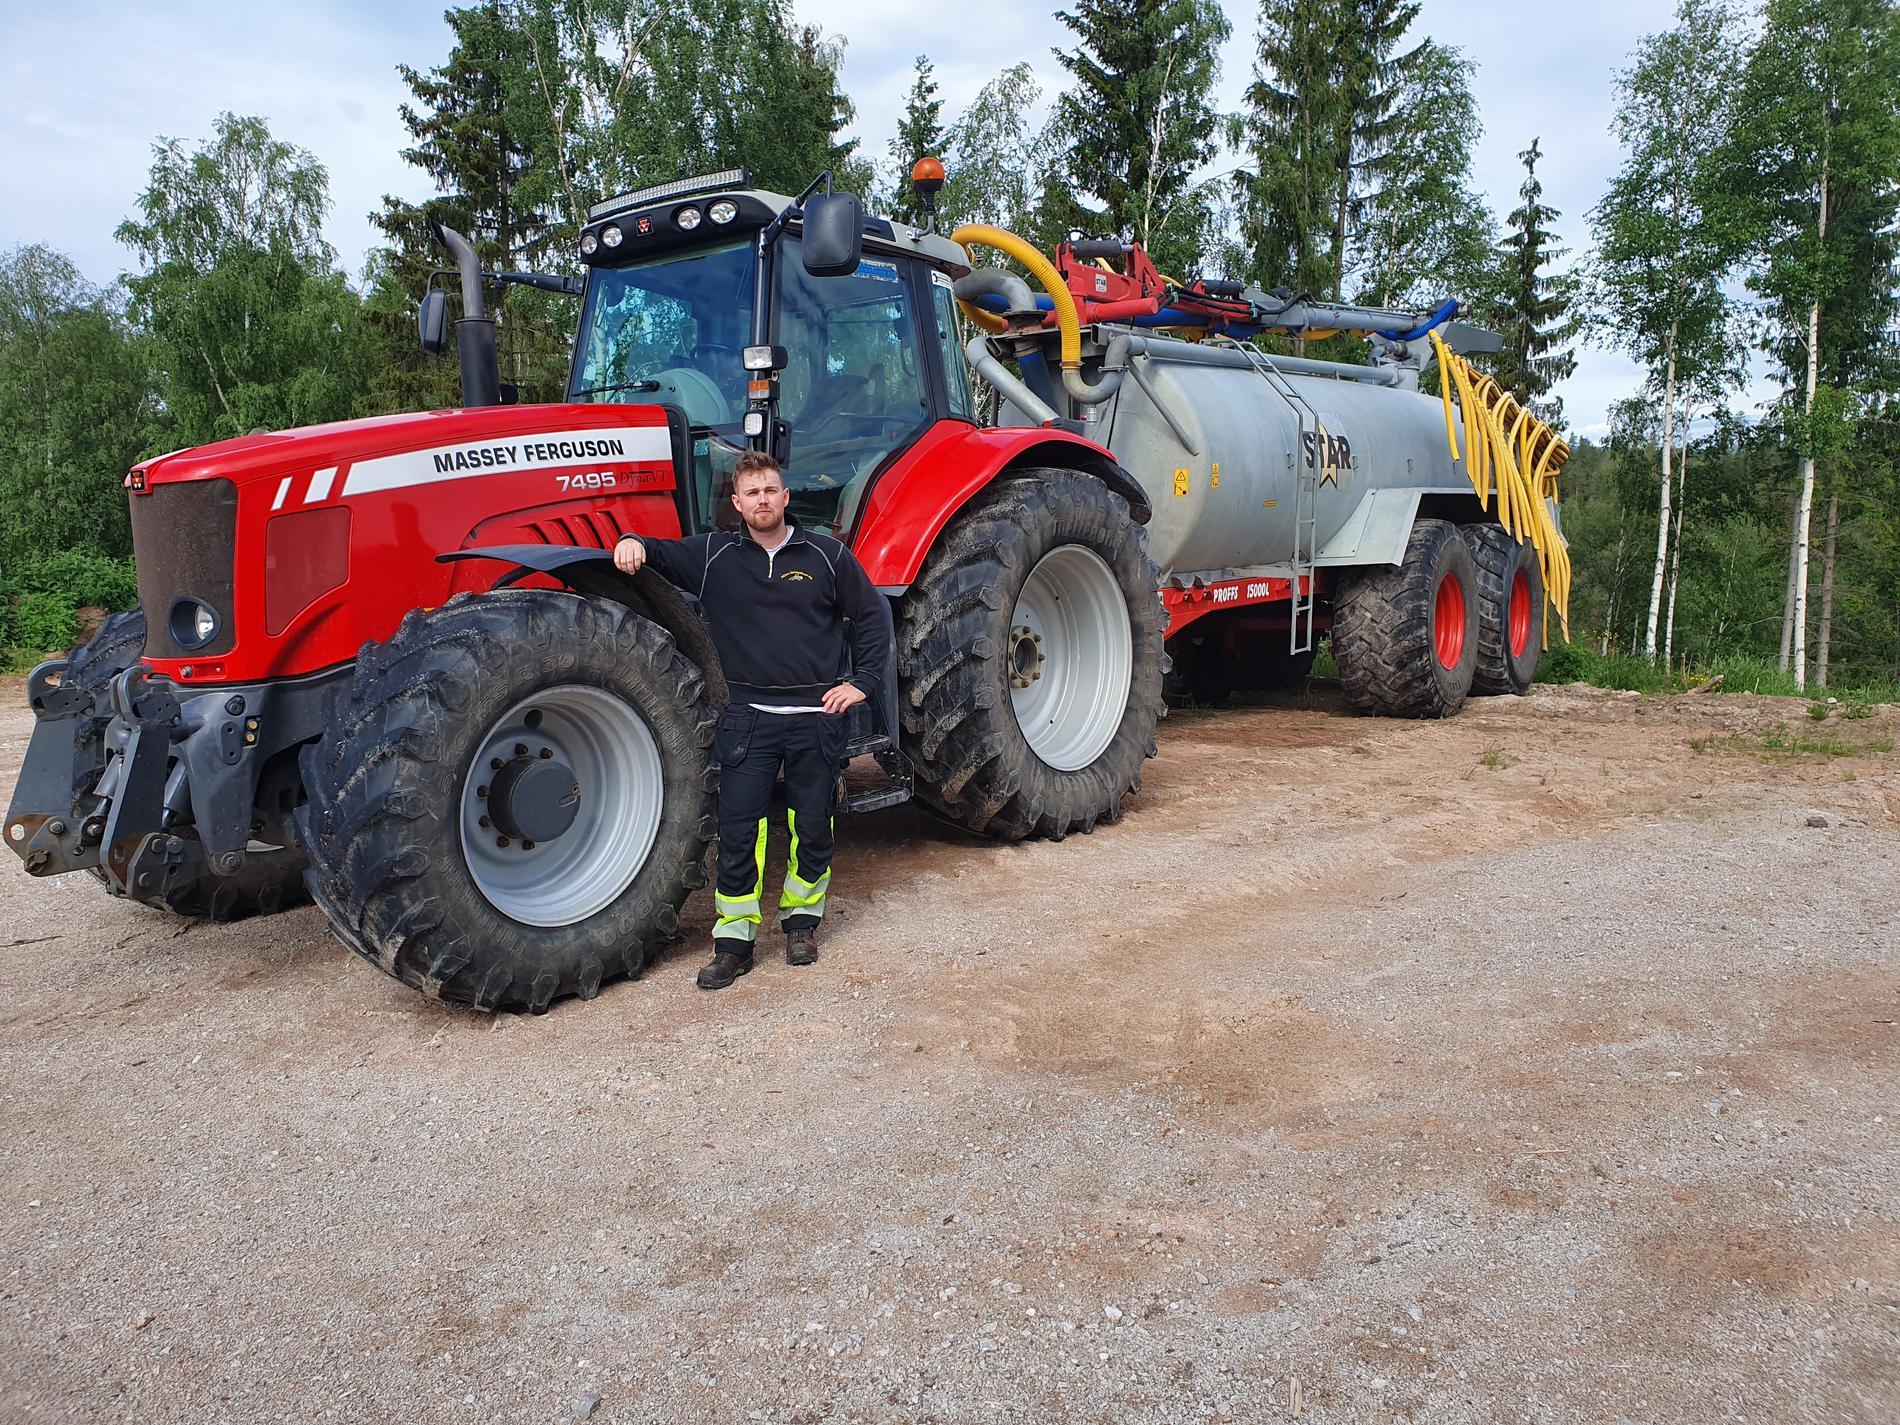 På måndagen ryckte lantbrukaren Anders Ekström och släckte med en gödseltraktor.